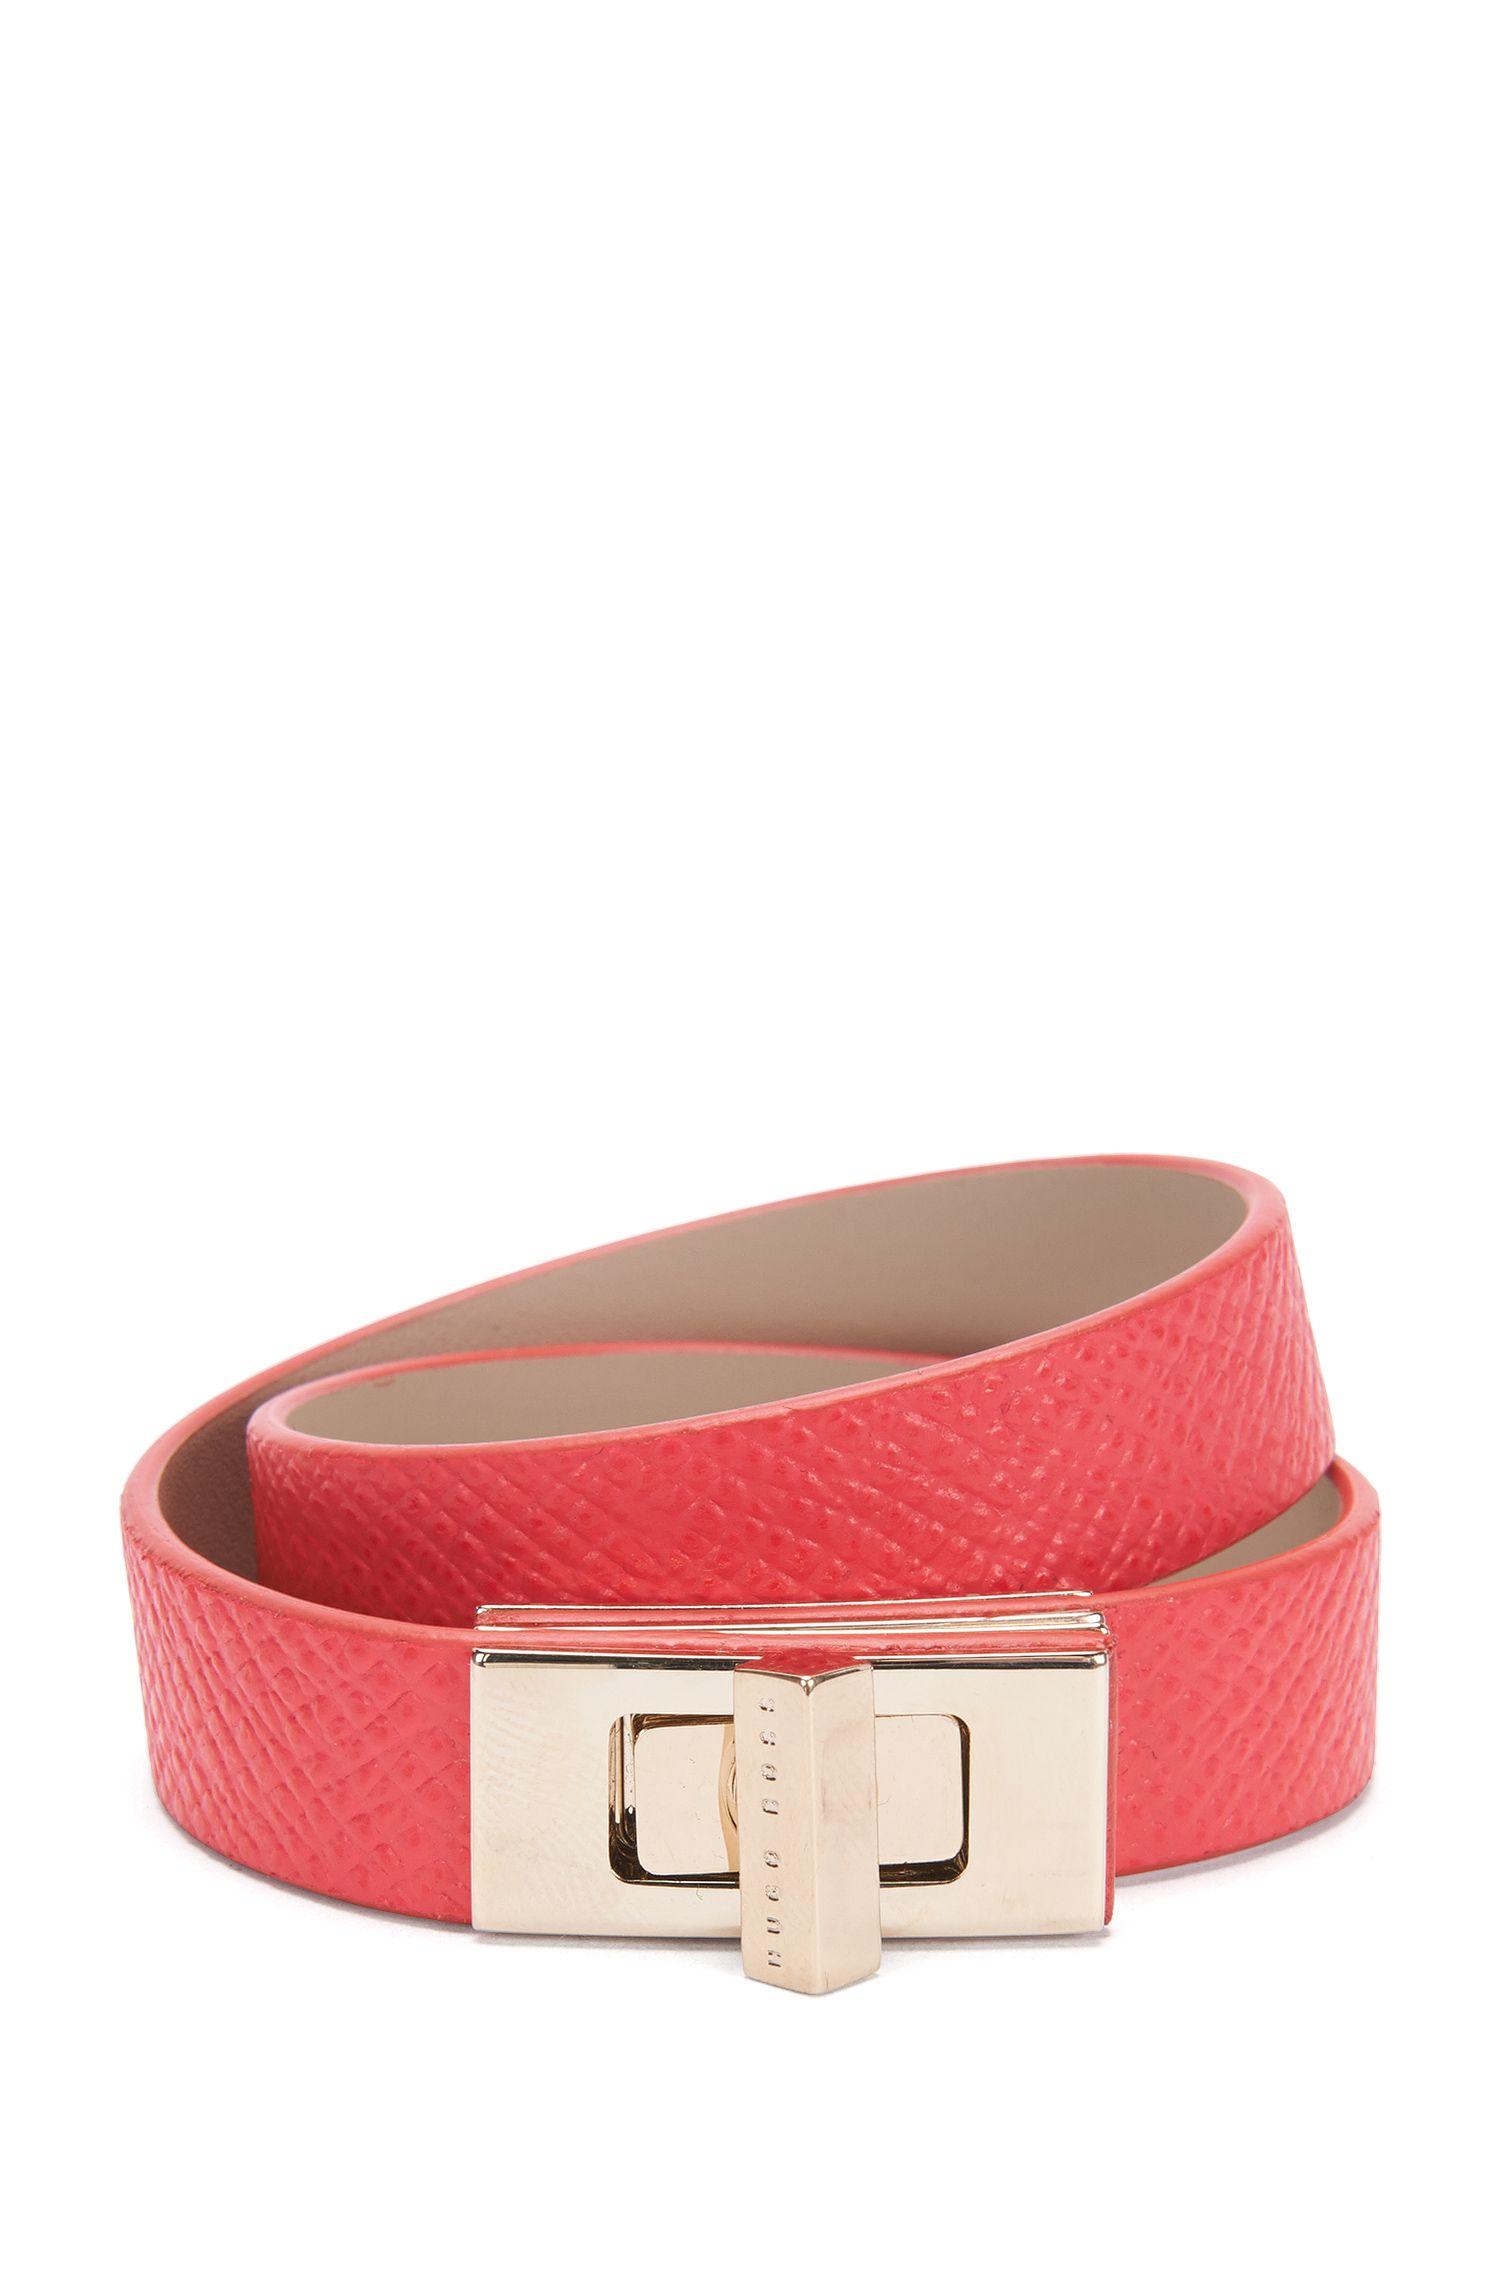 'BOSS Bespoke Br FPA' | Leather Turnlock Wrap Bracelet, Pink